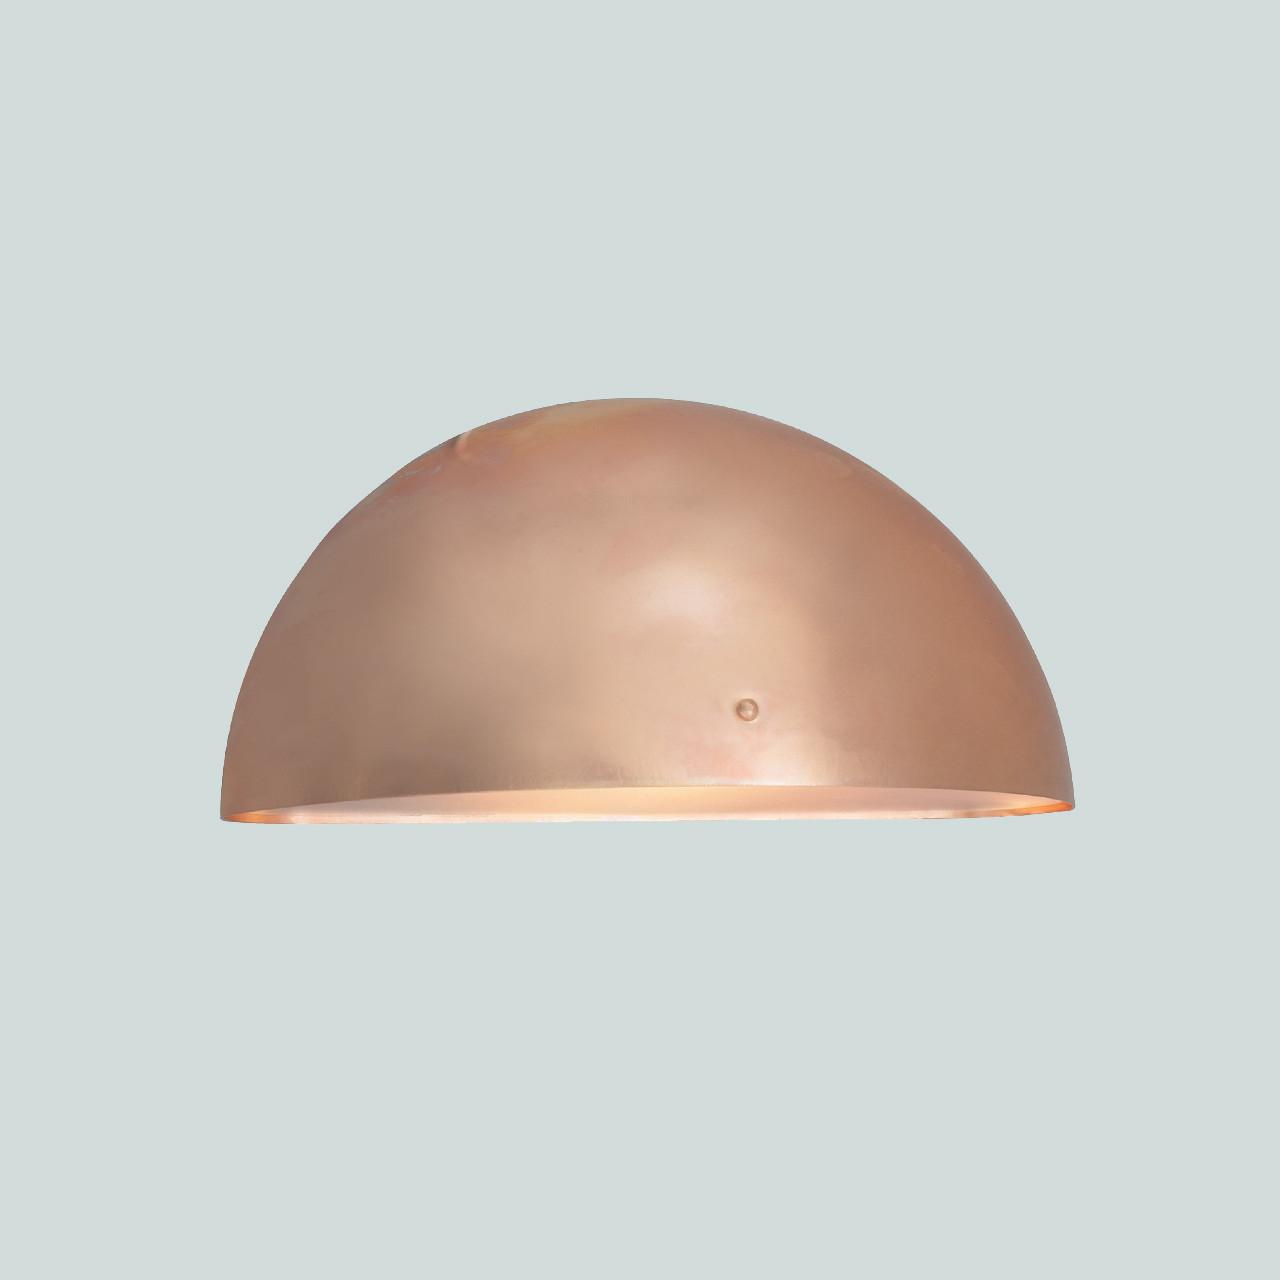 Настенный светильник Norlys Paris 160CO 1х30Вт E27 медный/металл